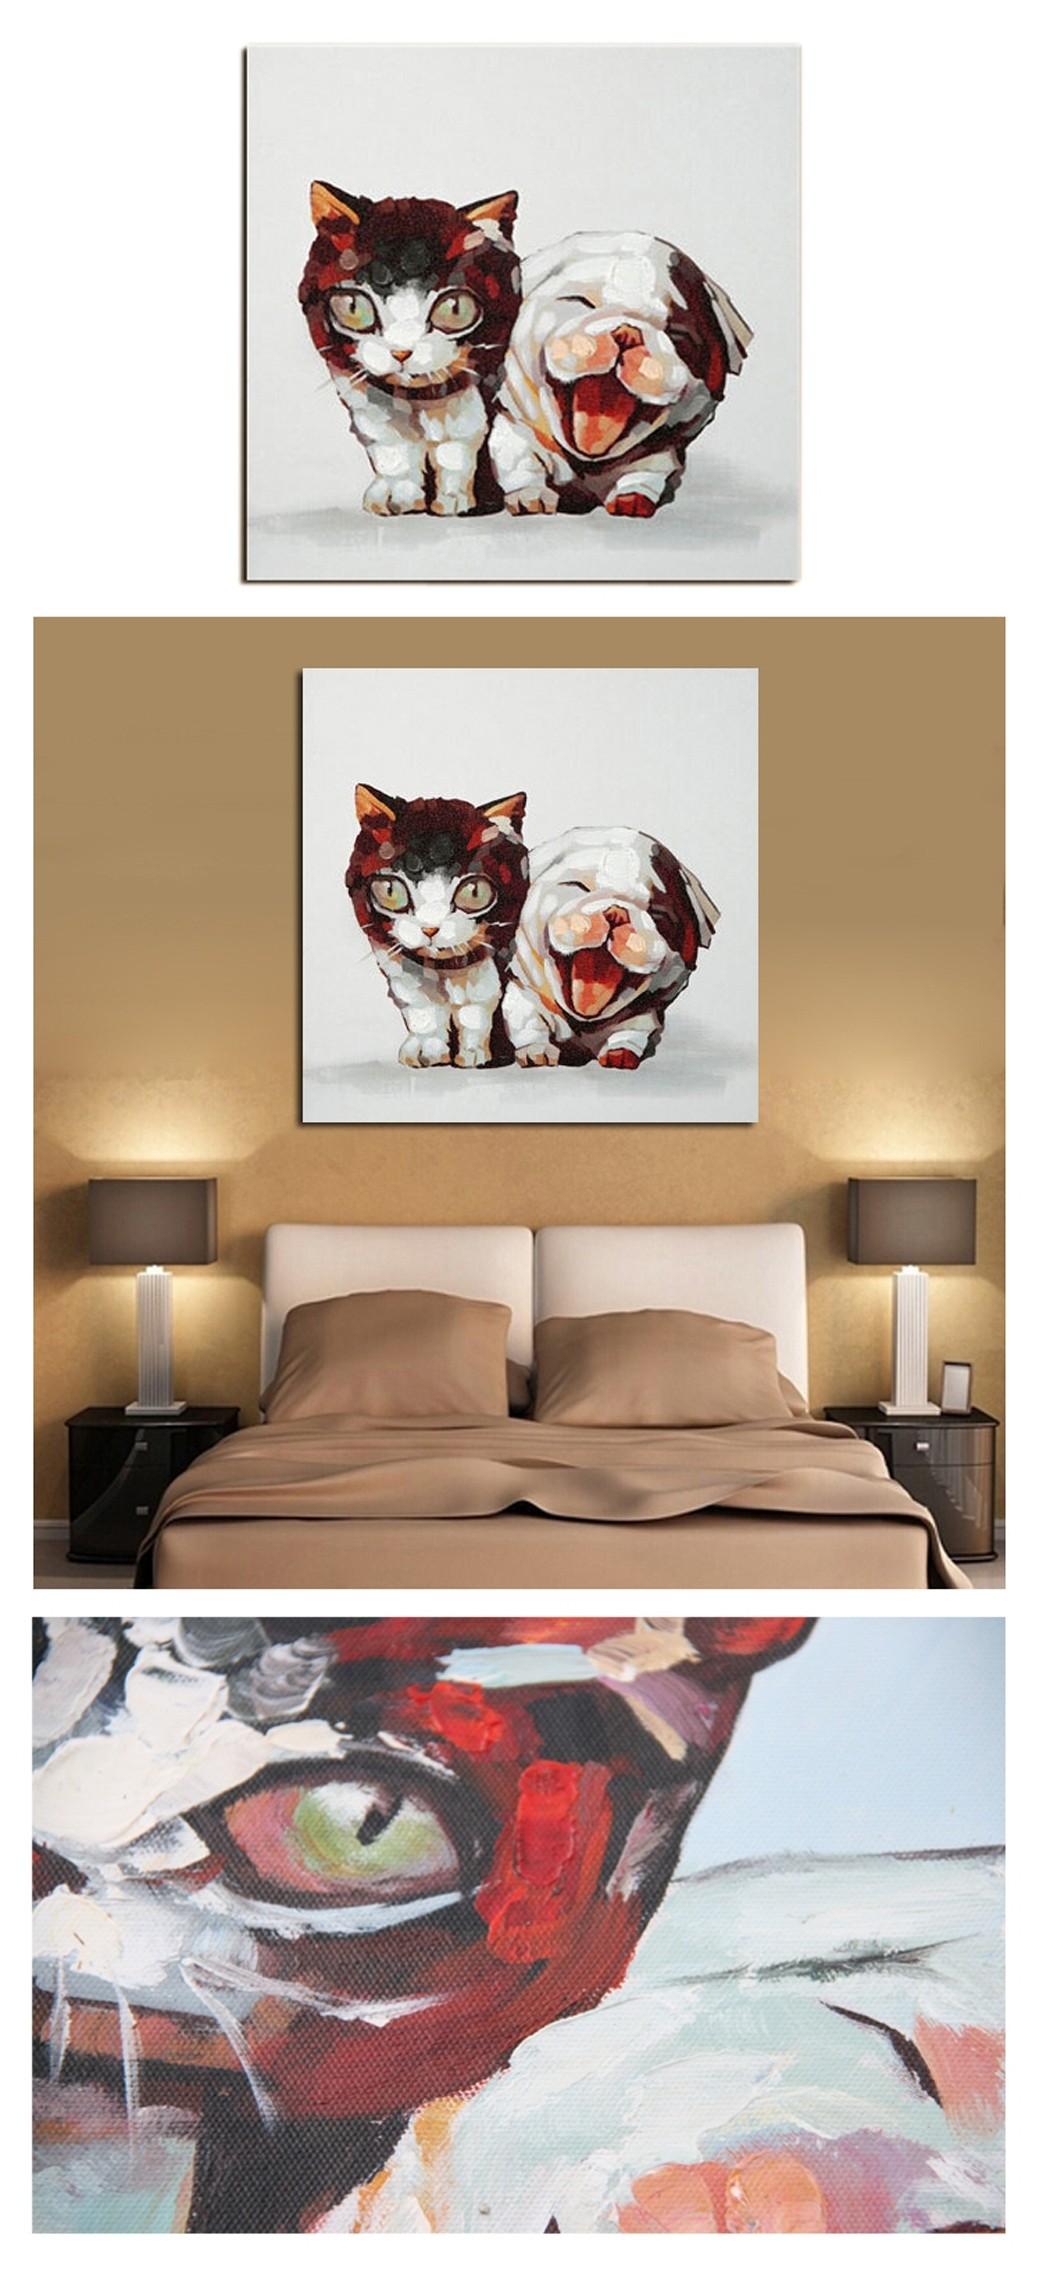 Tableau chat et chien peinture l 39 huile sur toile fait main art contempo - Toile peinture pas cher ...